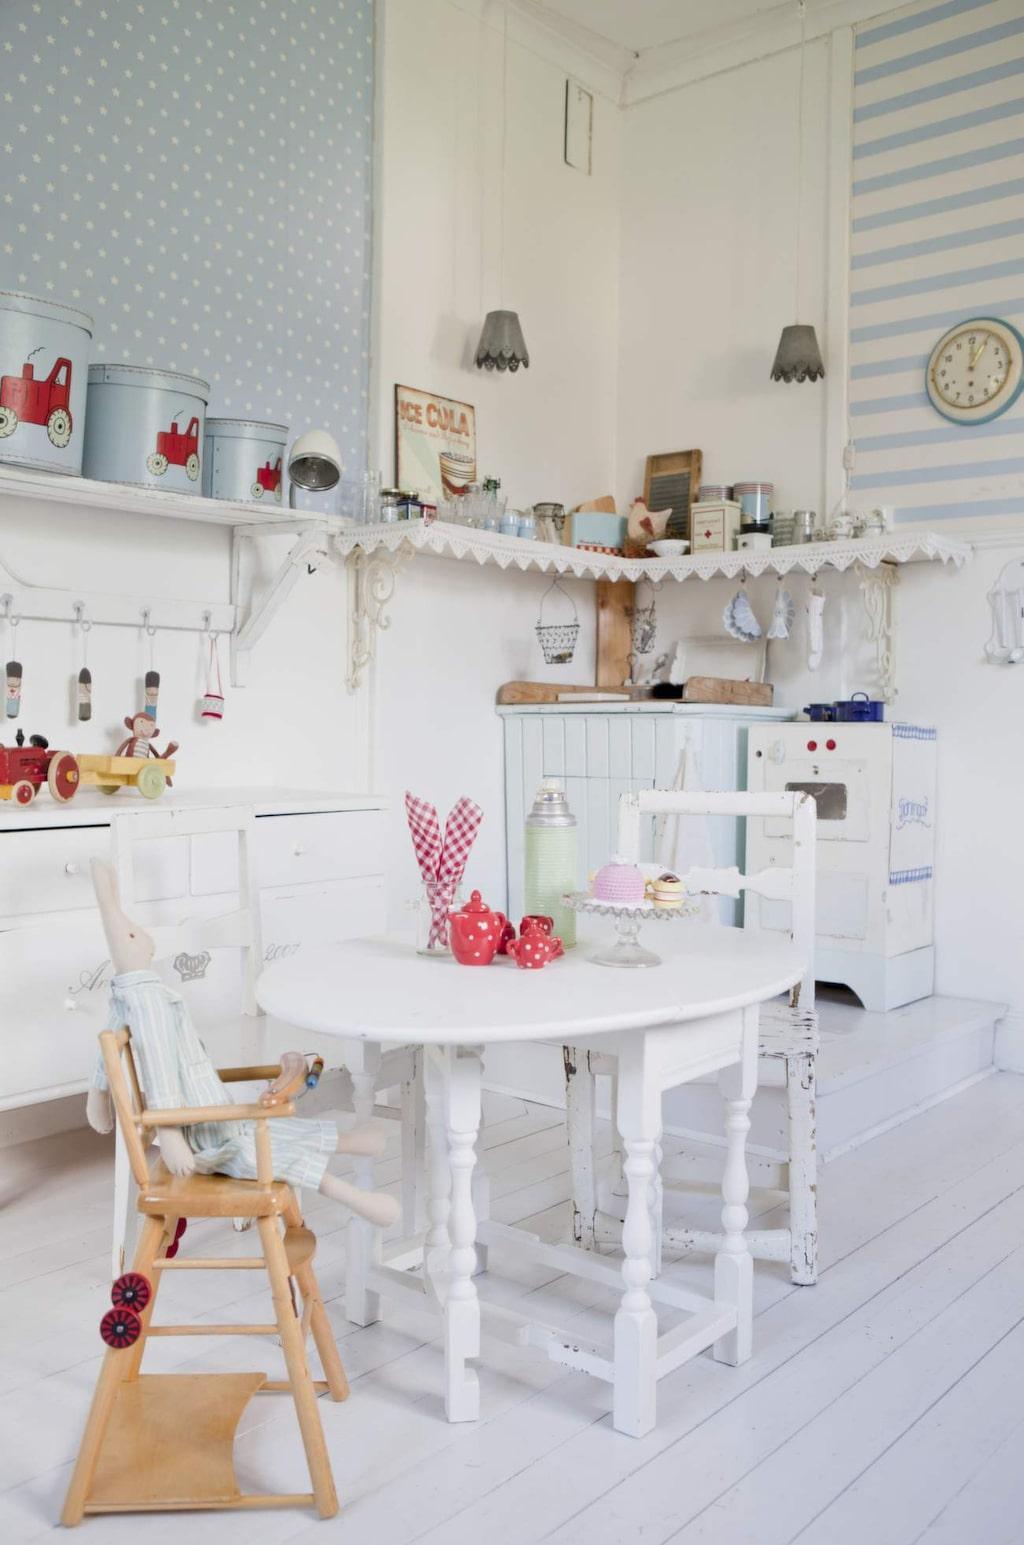 <p>Rena drömrummet med eget kök och massor av vackra detaljer. Äldre möbler med vacker patina, lite nytt och lite egensnickrat.</p>